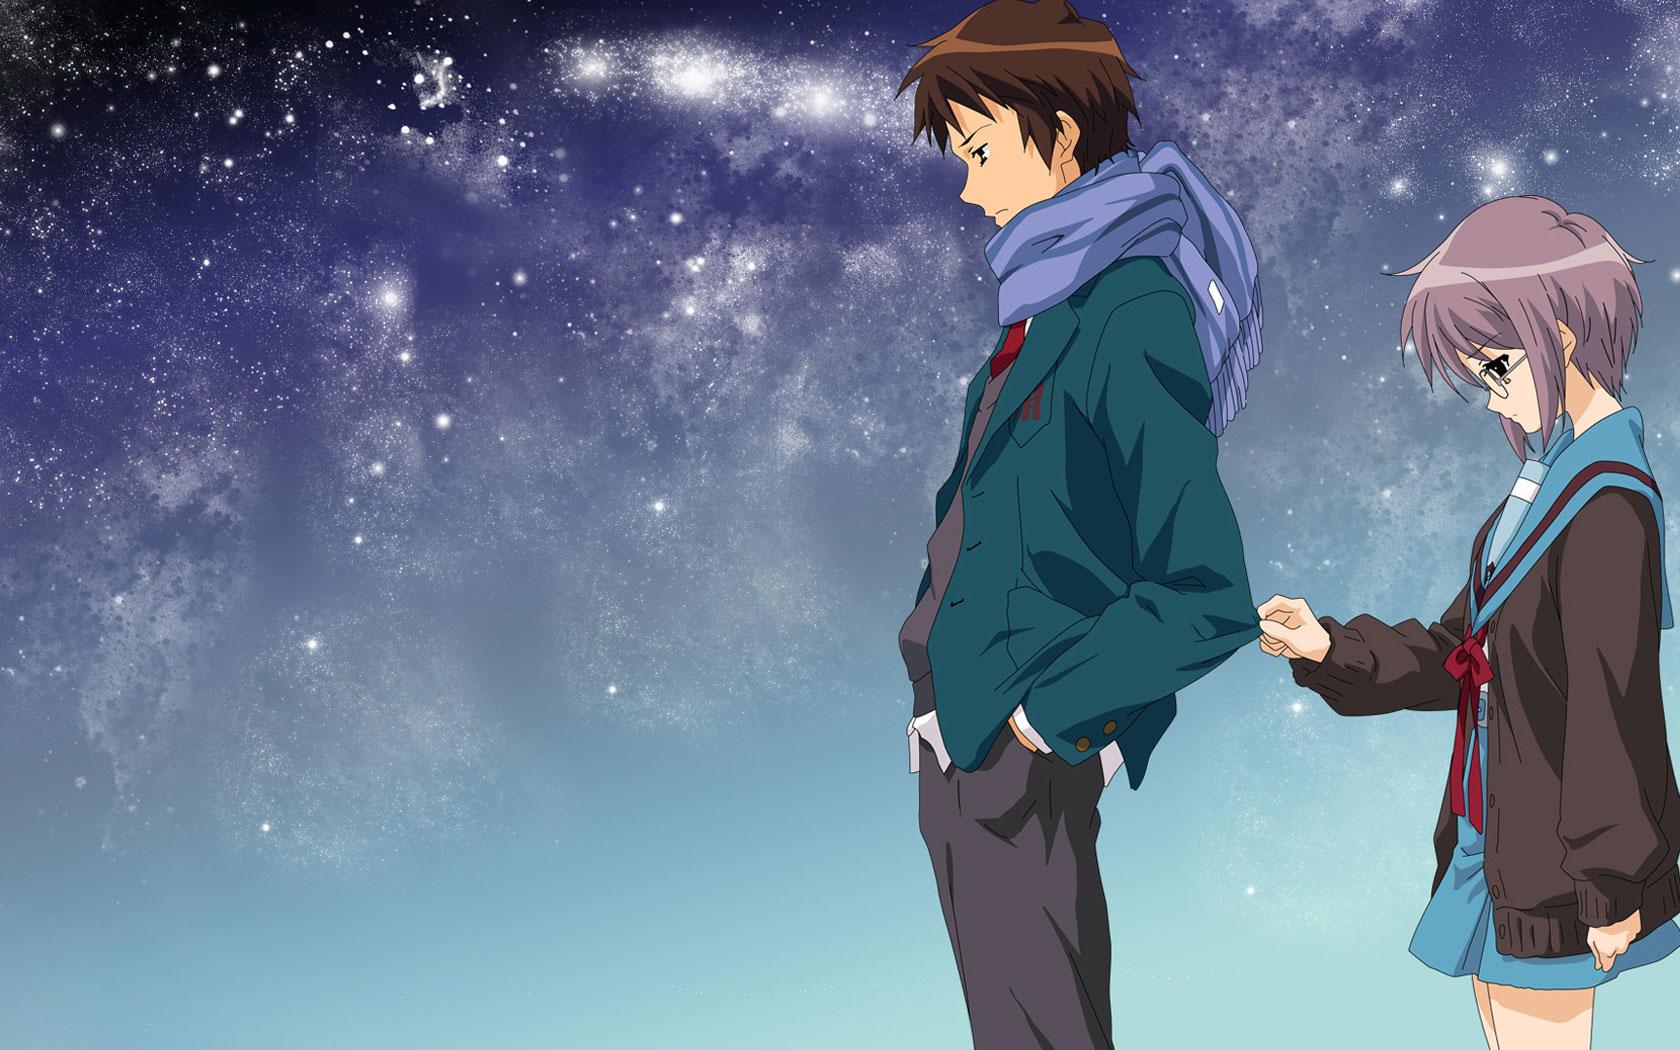 Ảnh đôi Anime siêu dễ thương